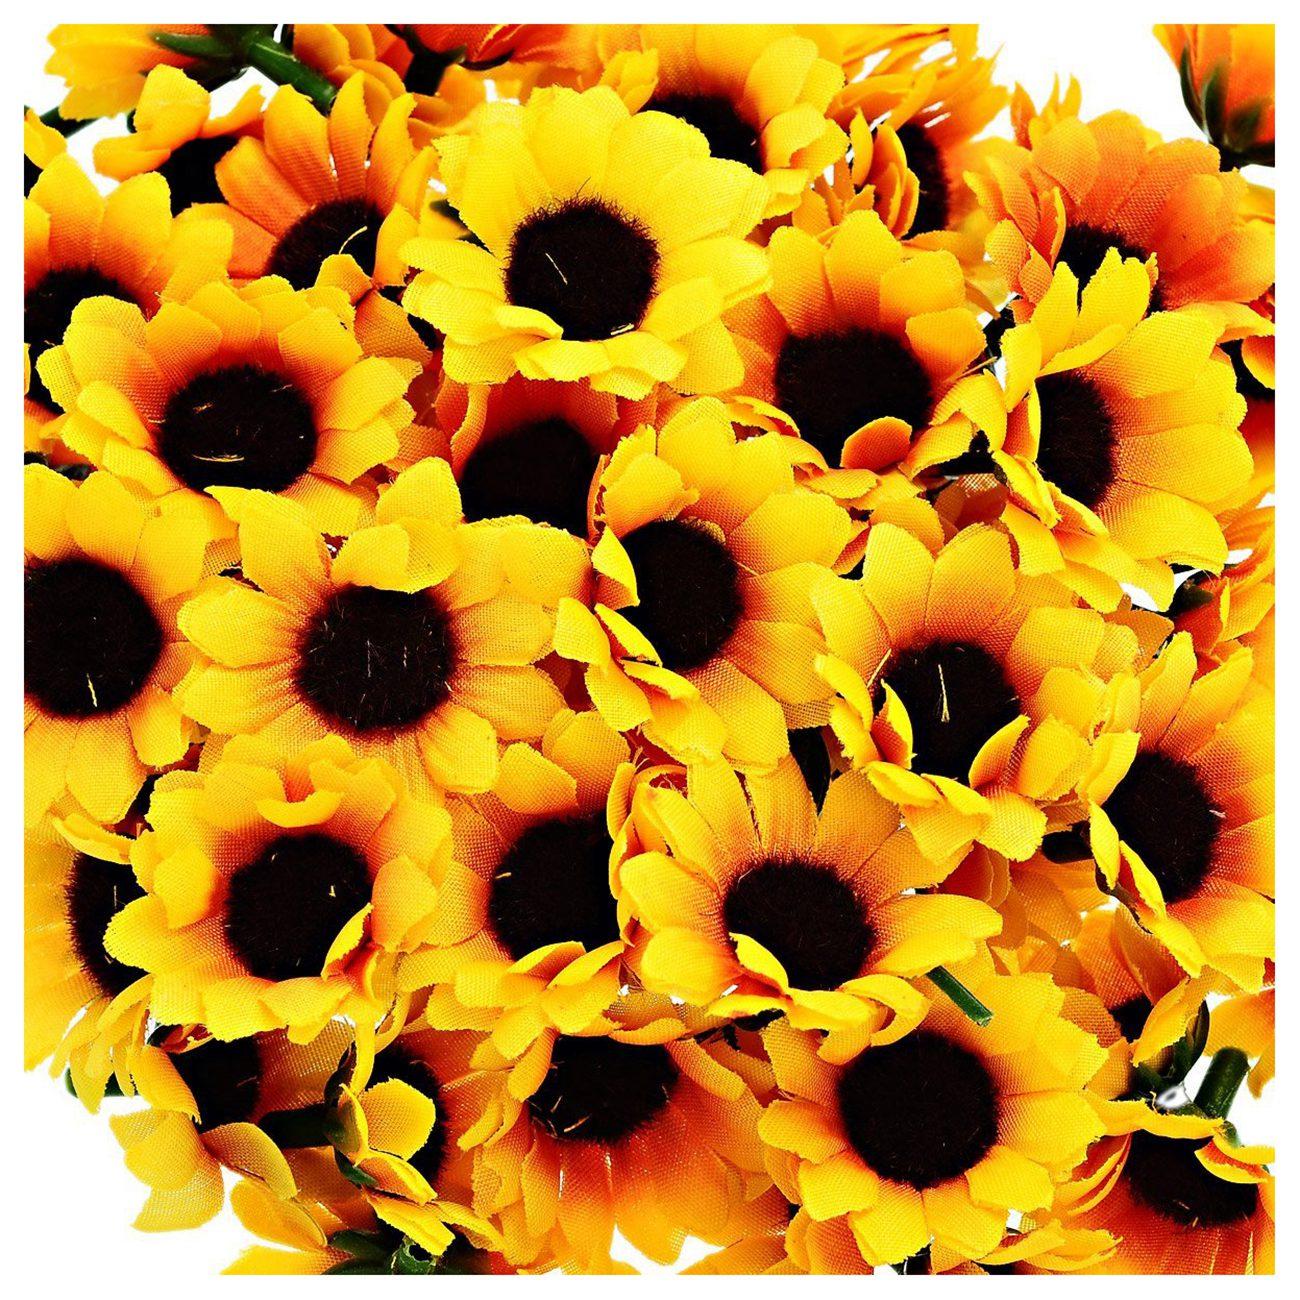 Feines Handwerk gelb & Kaffee Praktische Boutique 100 Stücke Künstliche Sonnenblumen Kleine Daisy Gerbera Blume Köpfe Für Hochzeitsfest-dekor